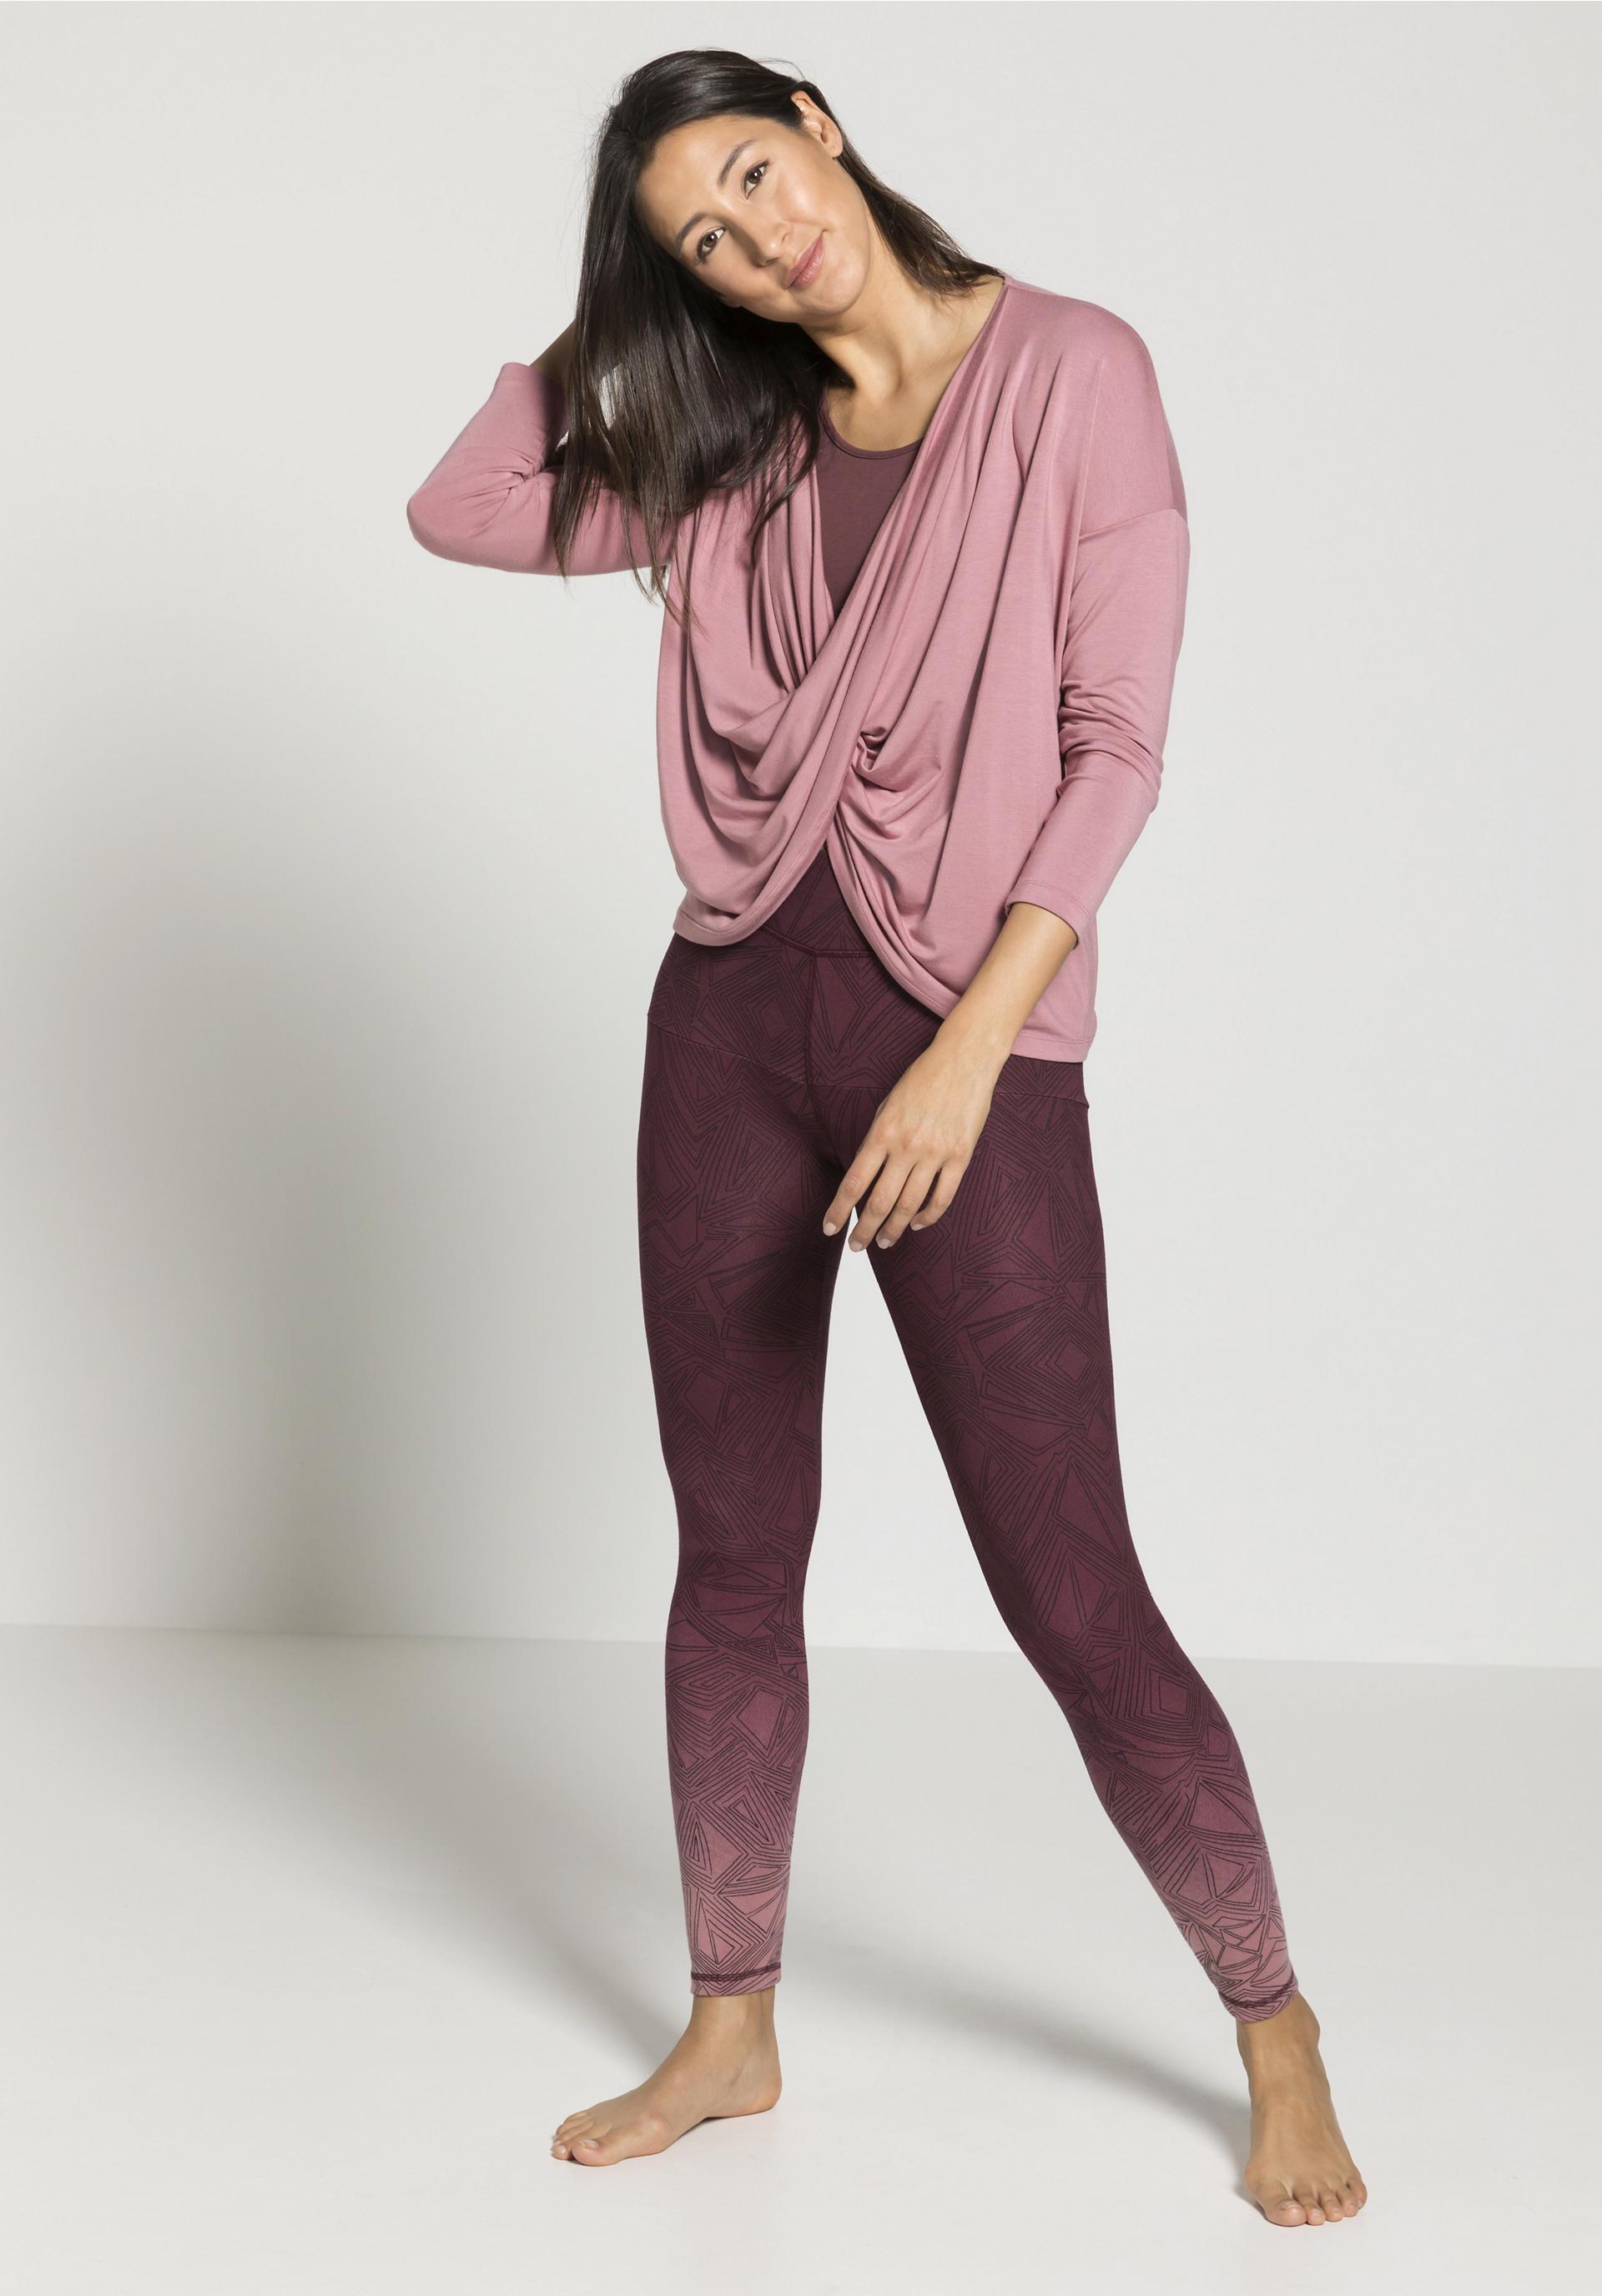 Yoga Kleidung für Damen - Bio - Nachhaltig - Fair